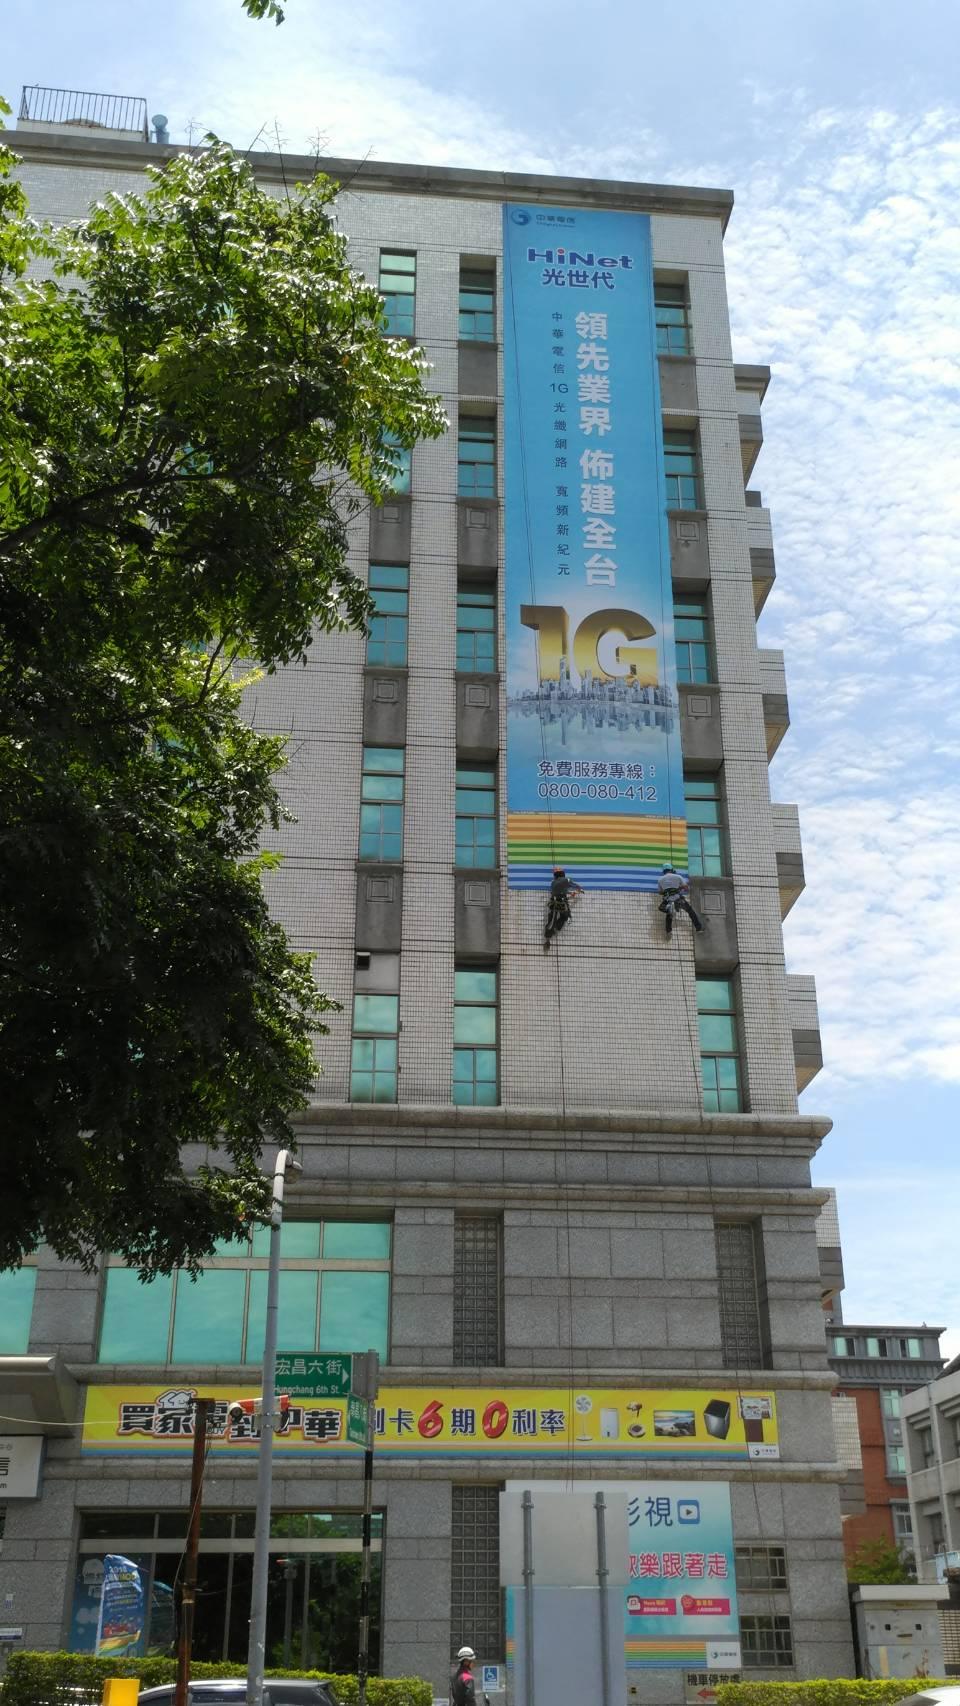 中華電信帆布廣告